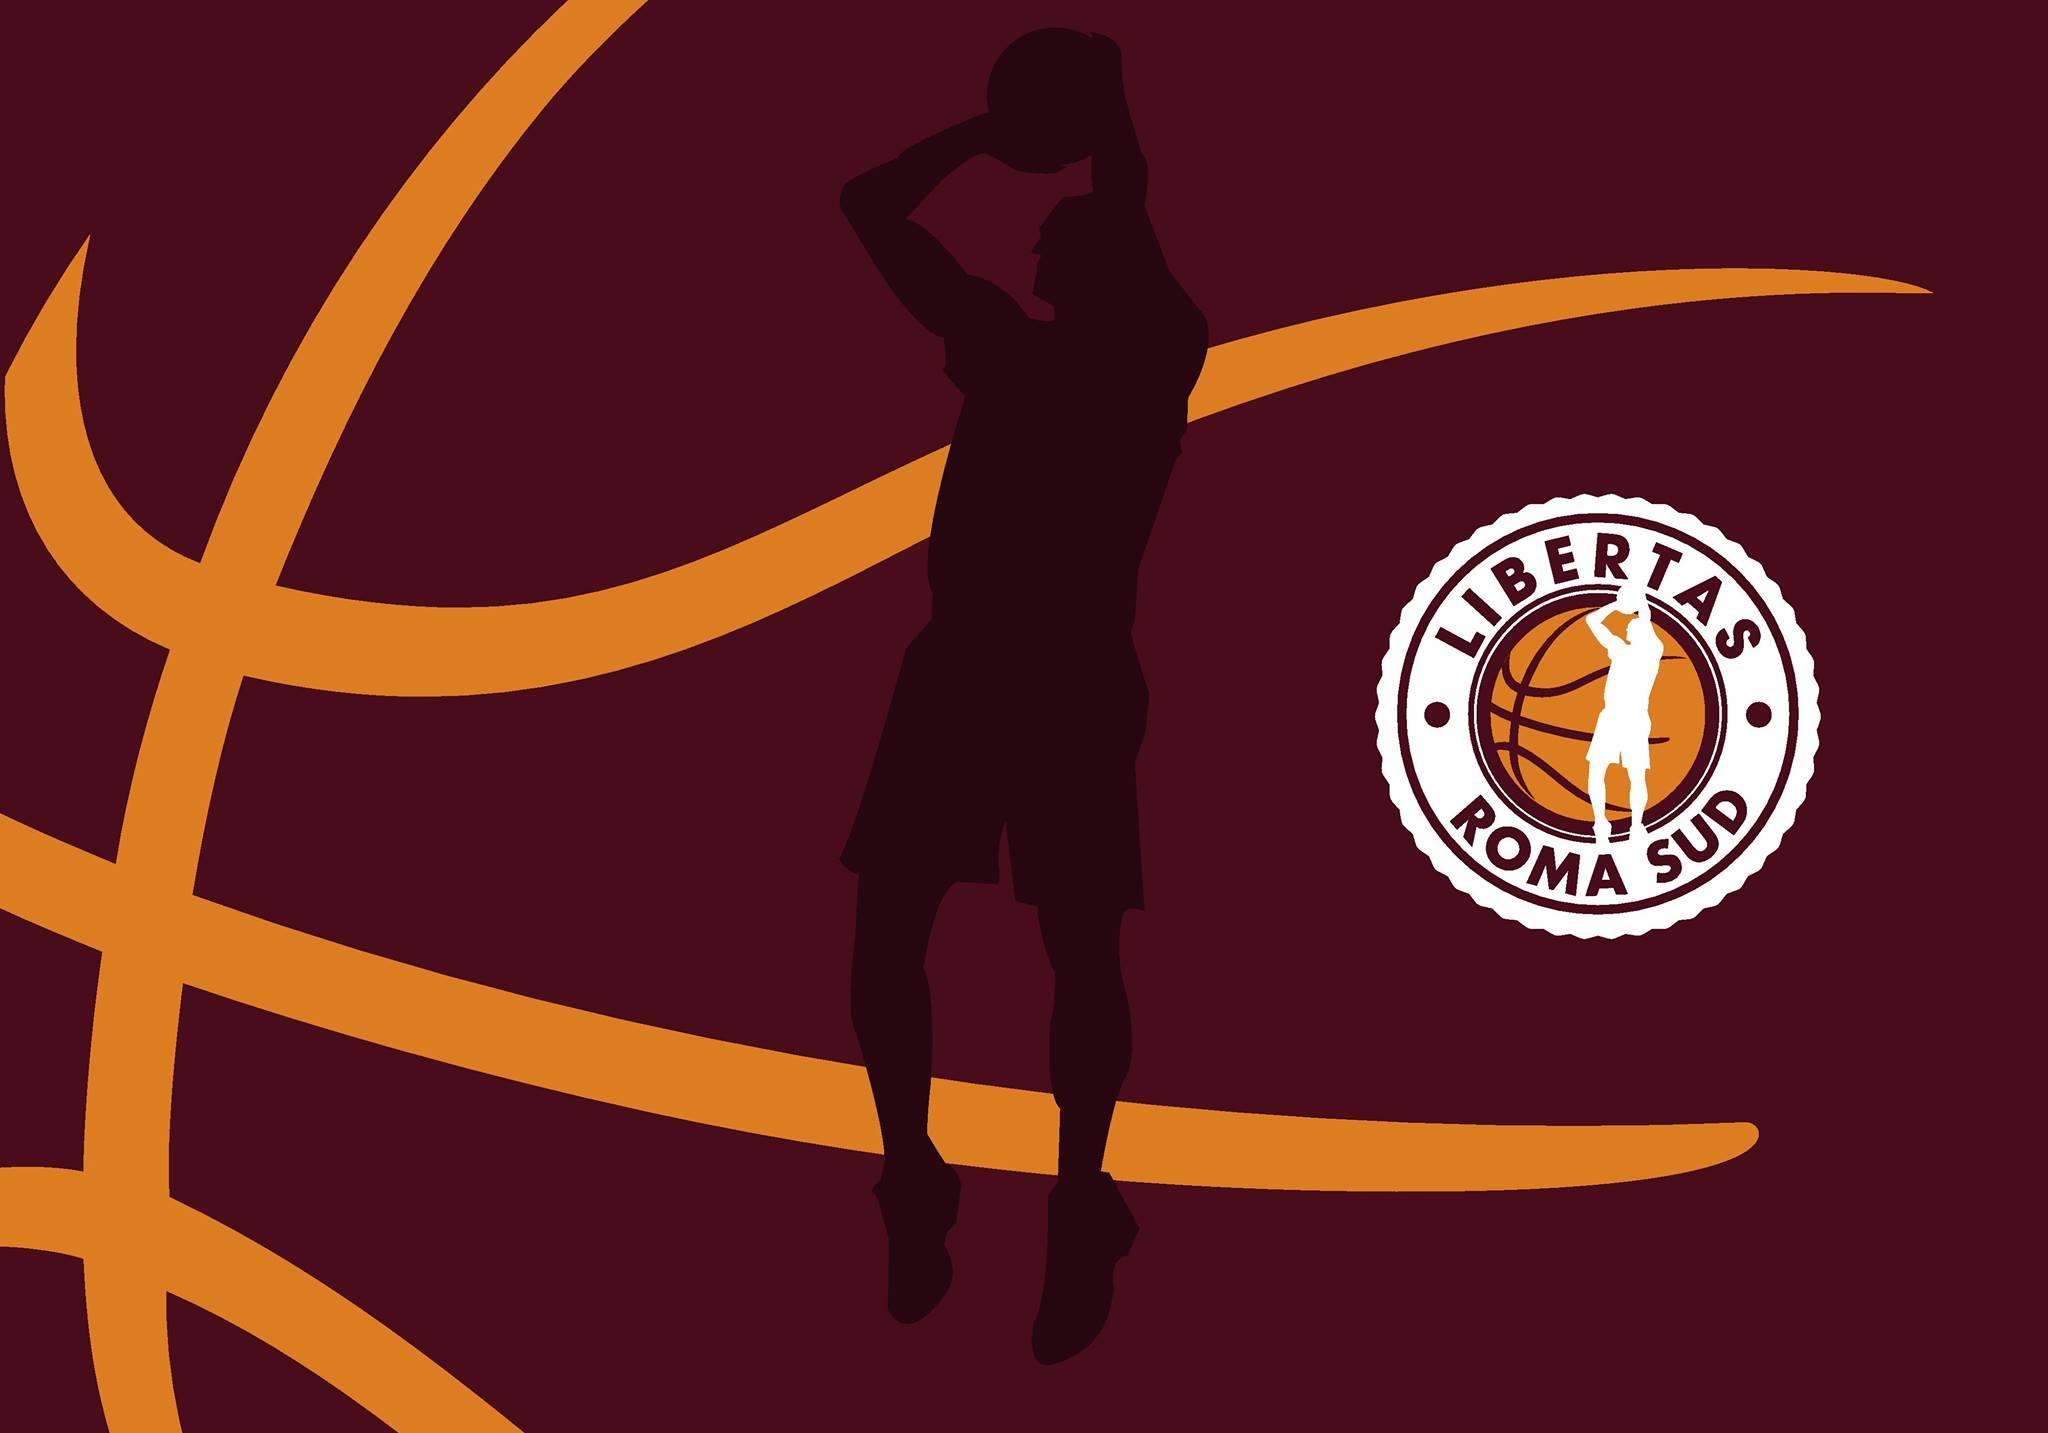 Libertas Roma Sud e Poseidon Sporting Club insieme per la stagione 2016-2017